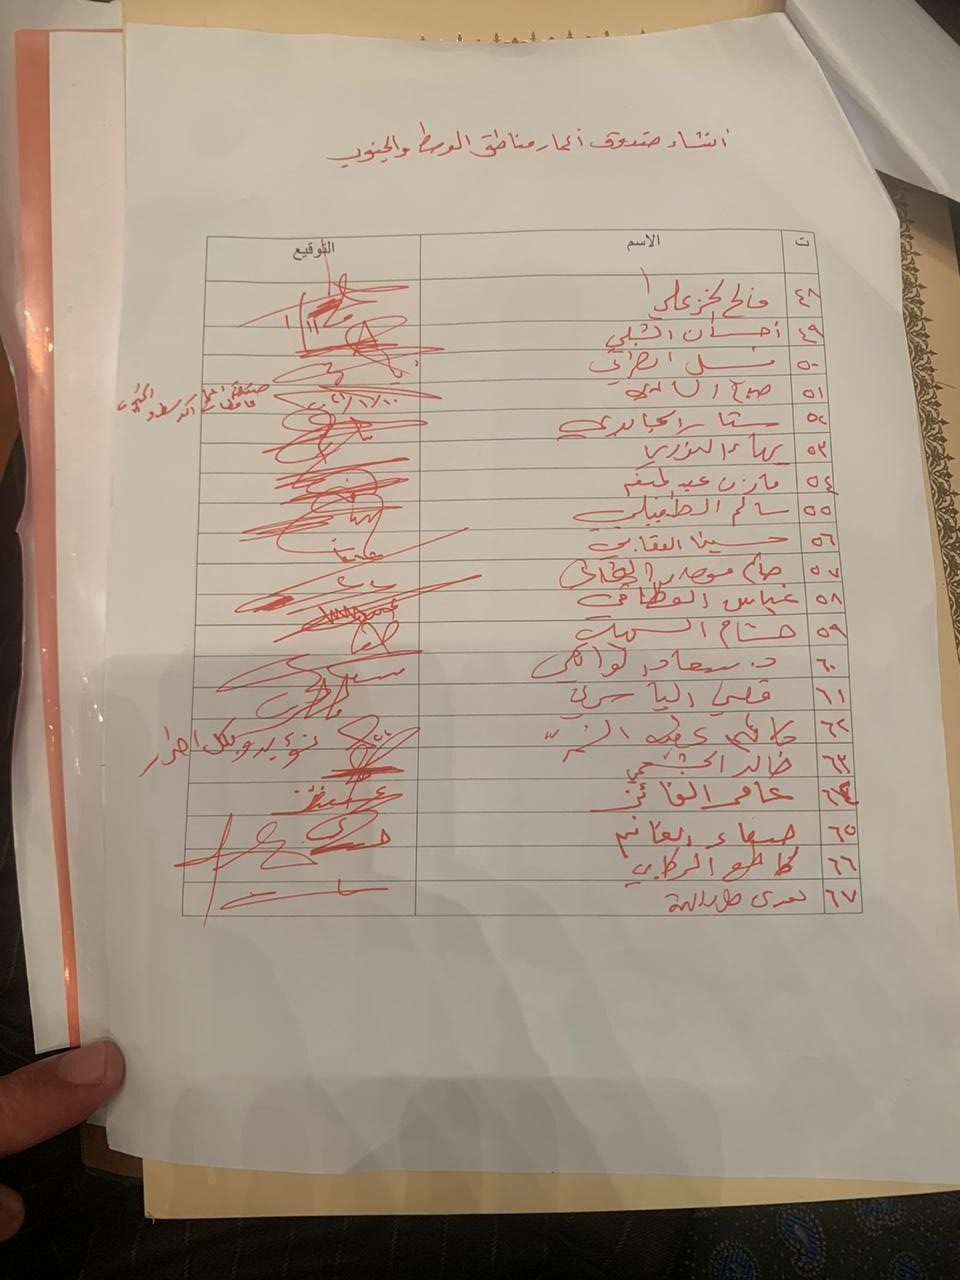 بالوثائق .. جمع تواقيع لانشاء صندوق اعمار محافظات الوسط والجنوب